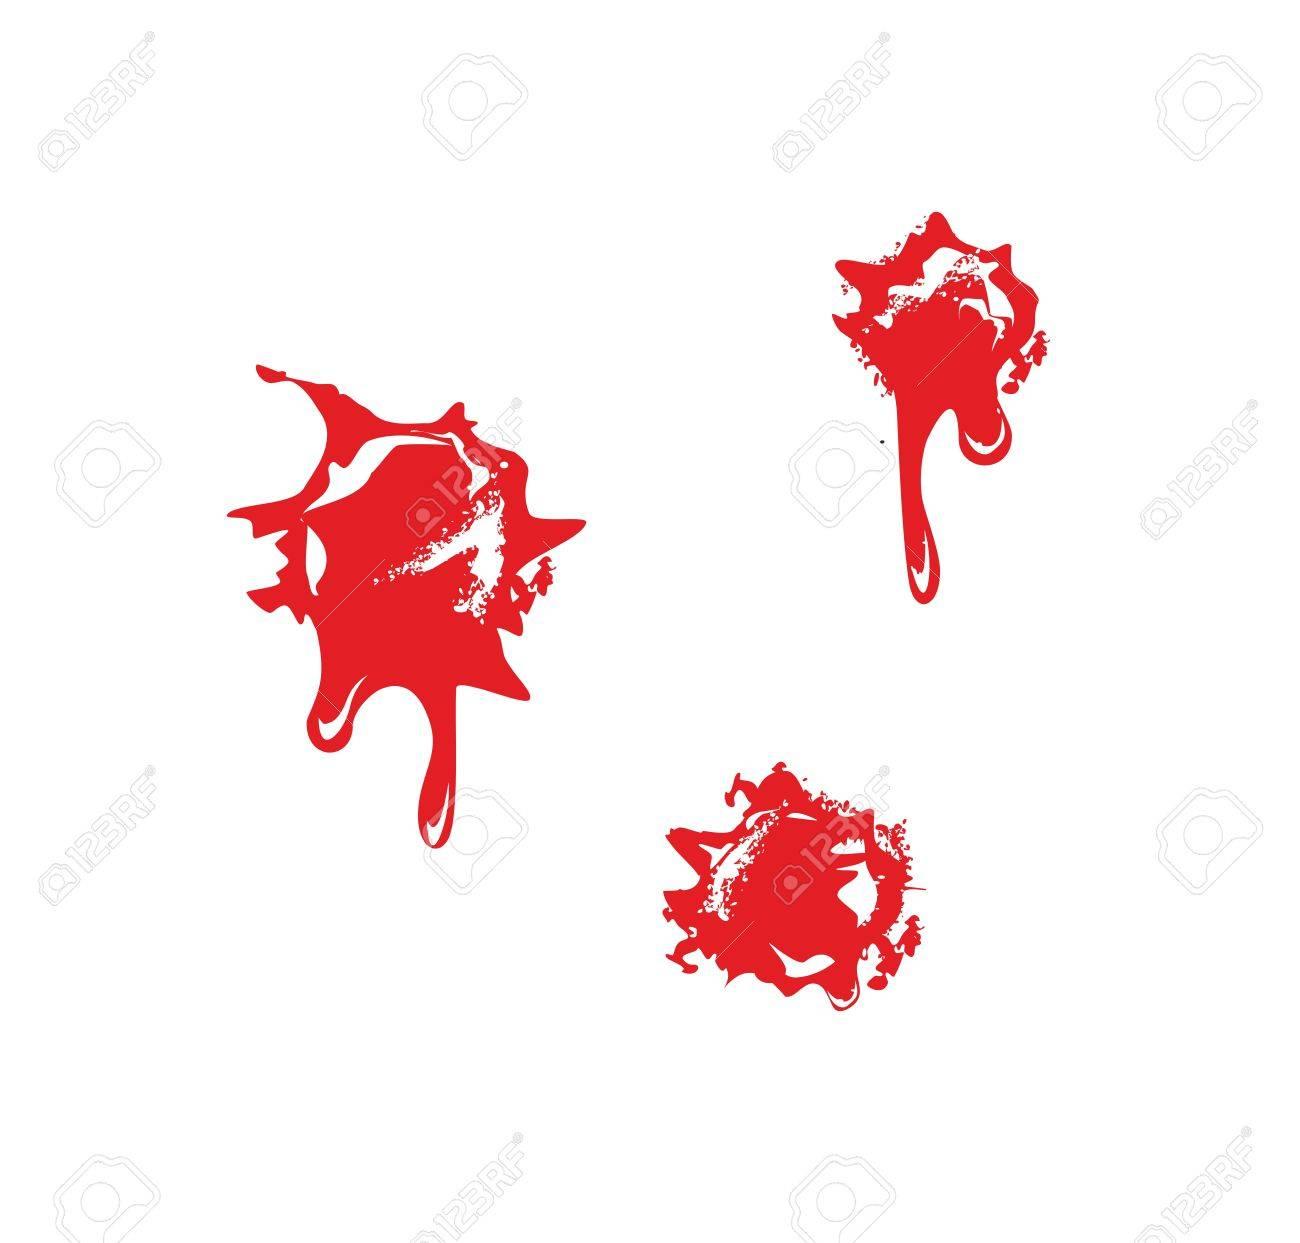 血しぶきと銃弾の穴白い背景の平面ベクトル イラストのイラスト素材